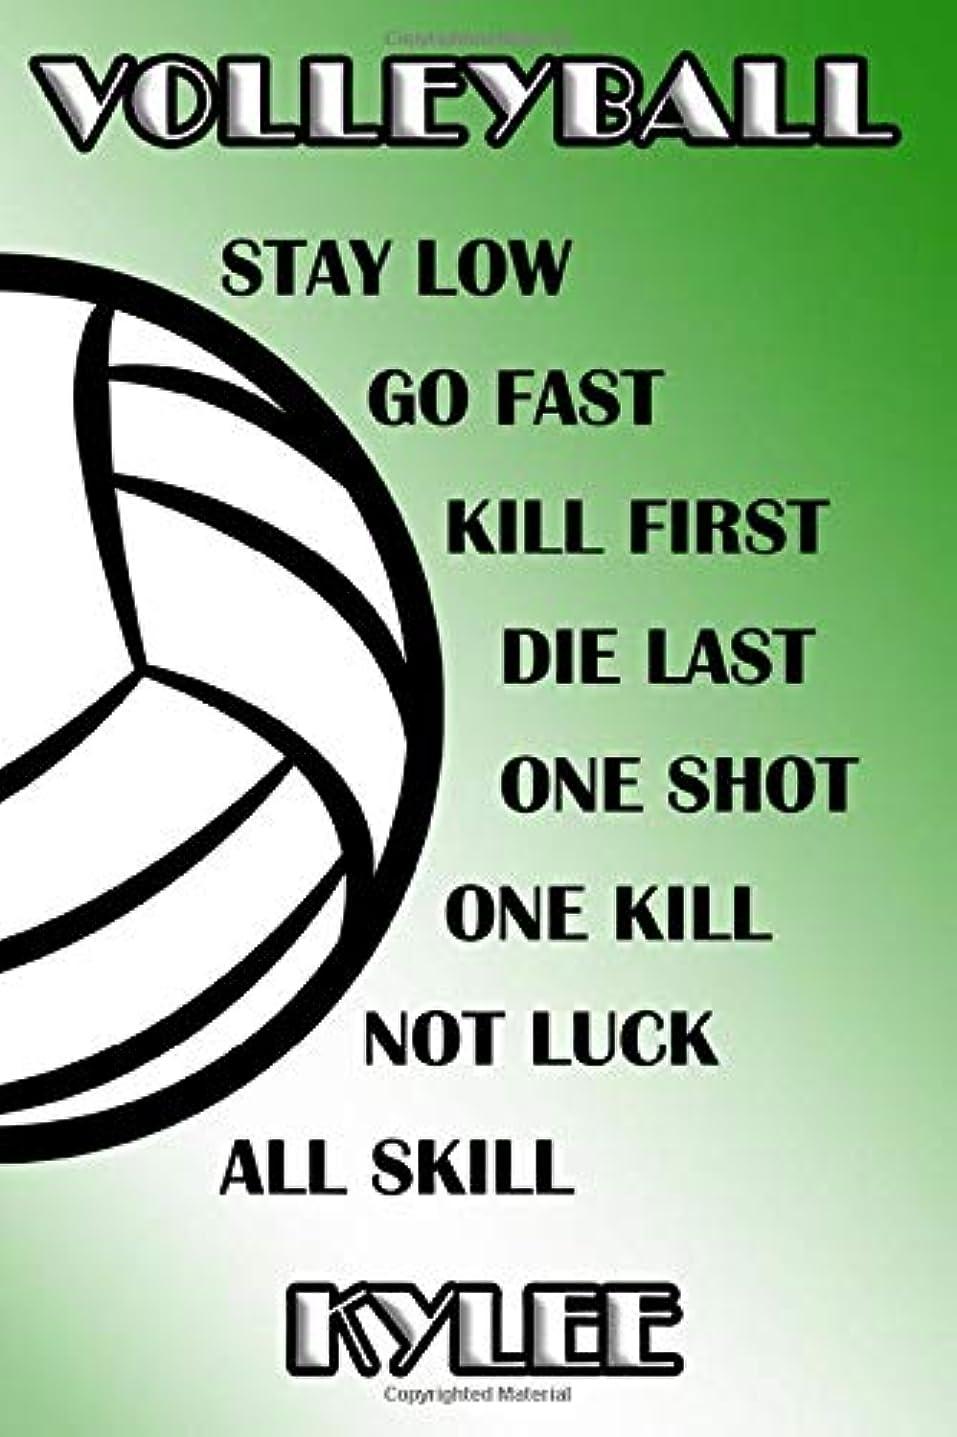 懇願する生まれくつろぎVolleyball Stay Low Go Fast Kill First Die Last One Shot One Kill Not Luck All Skill Kylee: College Ruled | Composition Book | Green and White School Colors